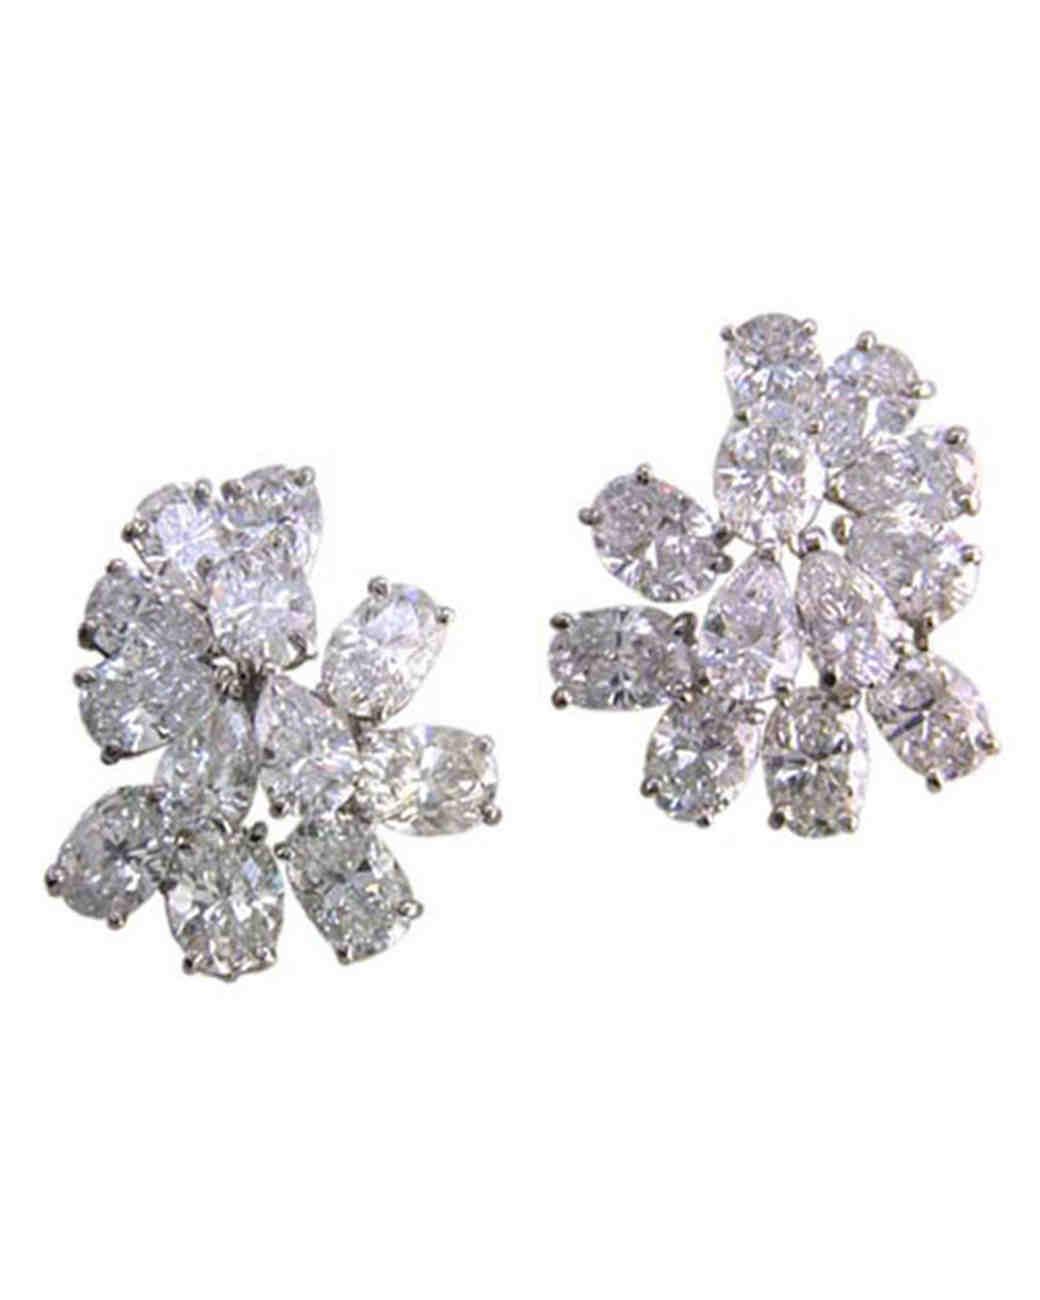 heyman_ohb_705621_plat_dia_earrings.jpg